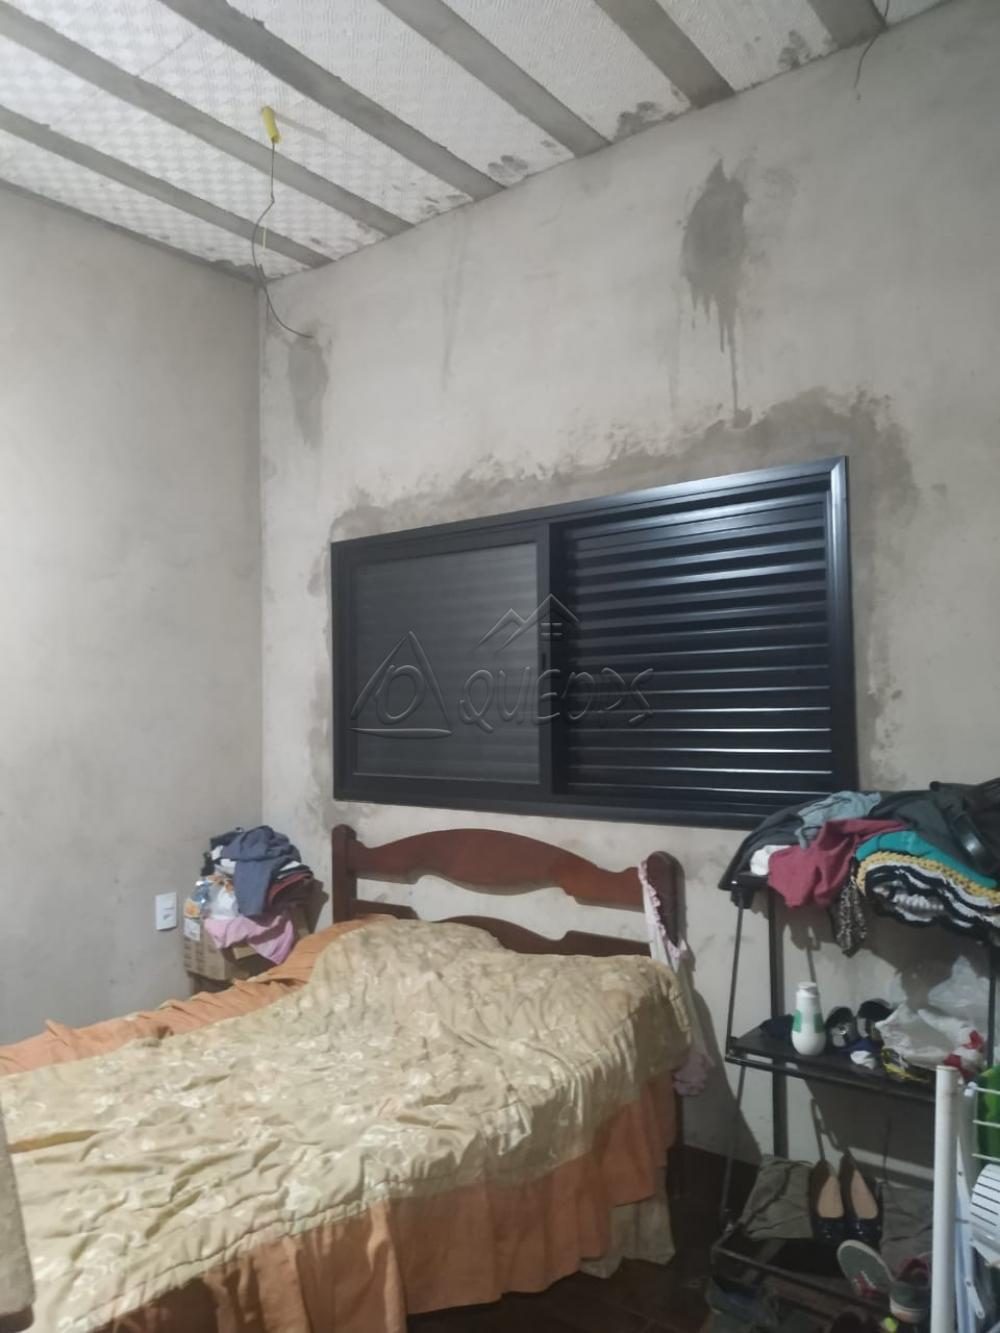 Comprar Casa / Padrão em Barretos apenas R$ 280.000,00 - Foto 8